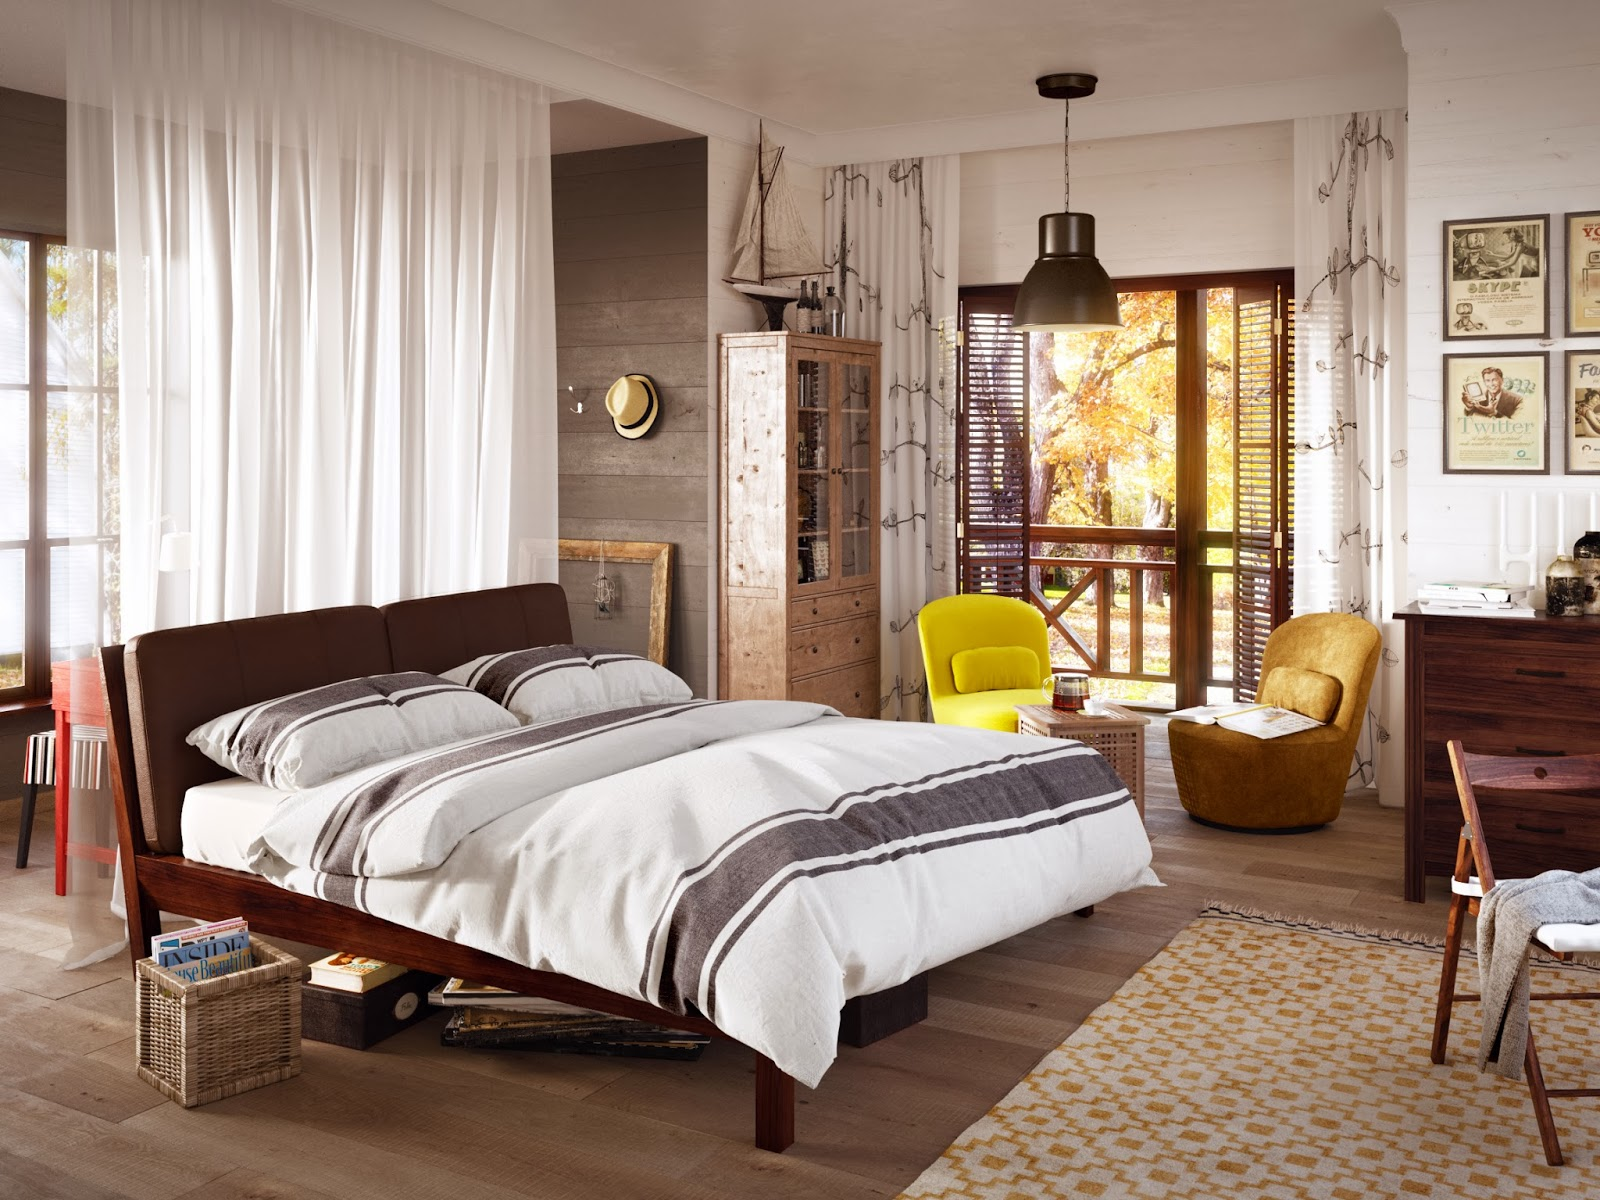 Шторы для спальни - лучший дизайн 2020 года